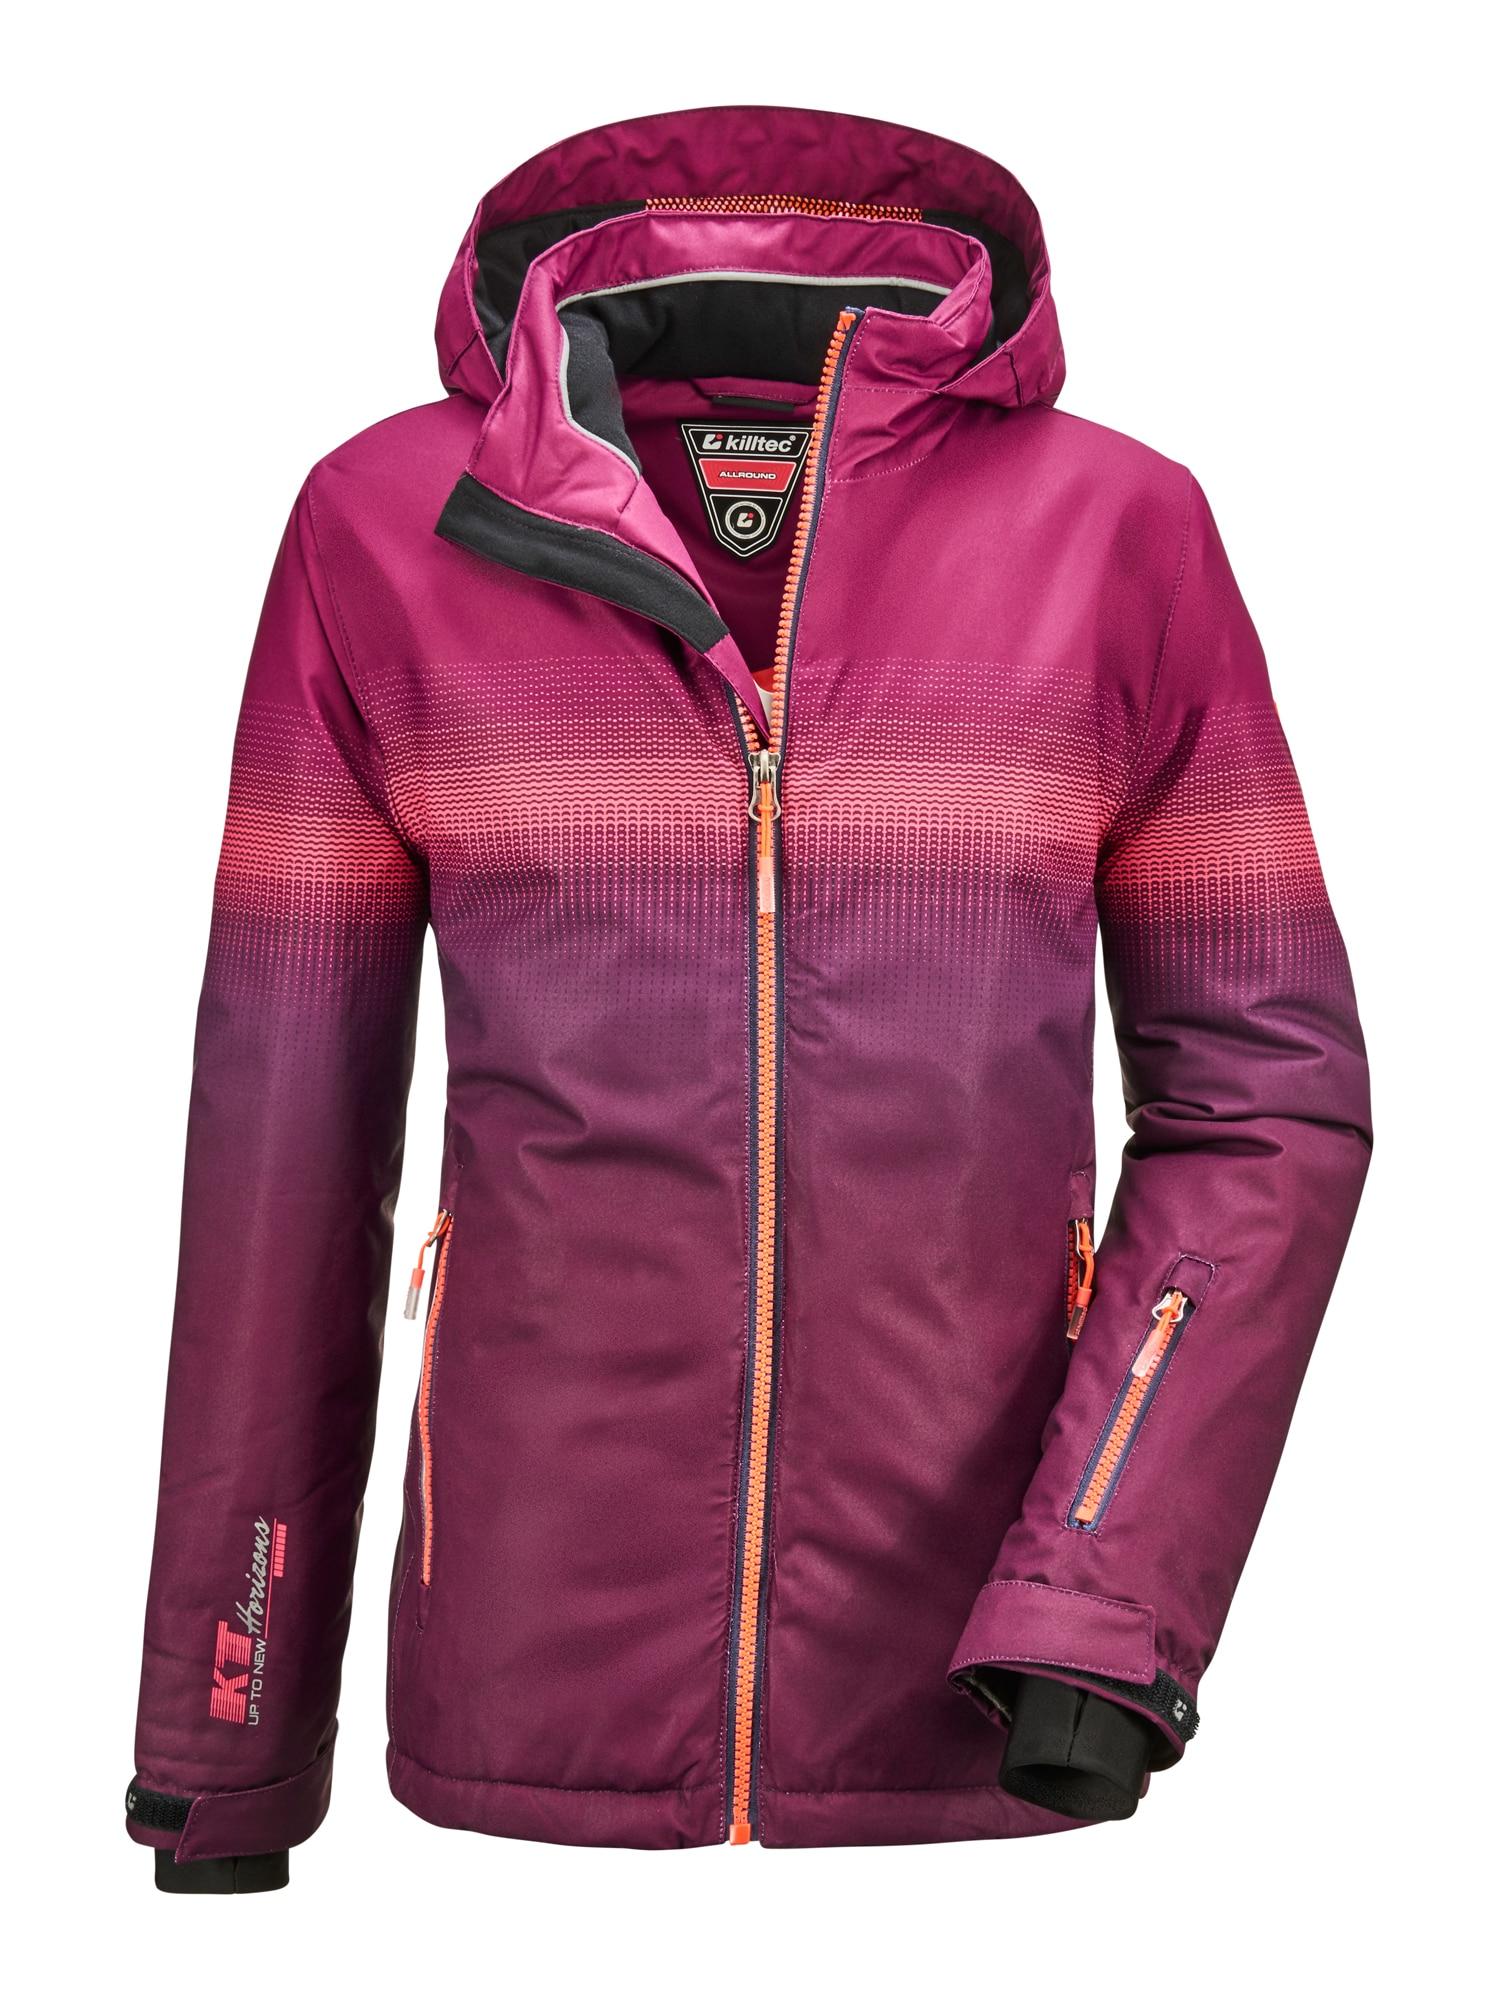 KILLTEC Laisvalaikio striukė 'Glenshee' slyvų spalva / rožinė / tamsiai rožinė